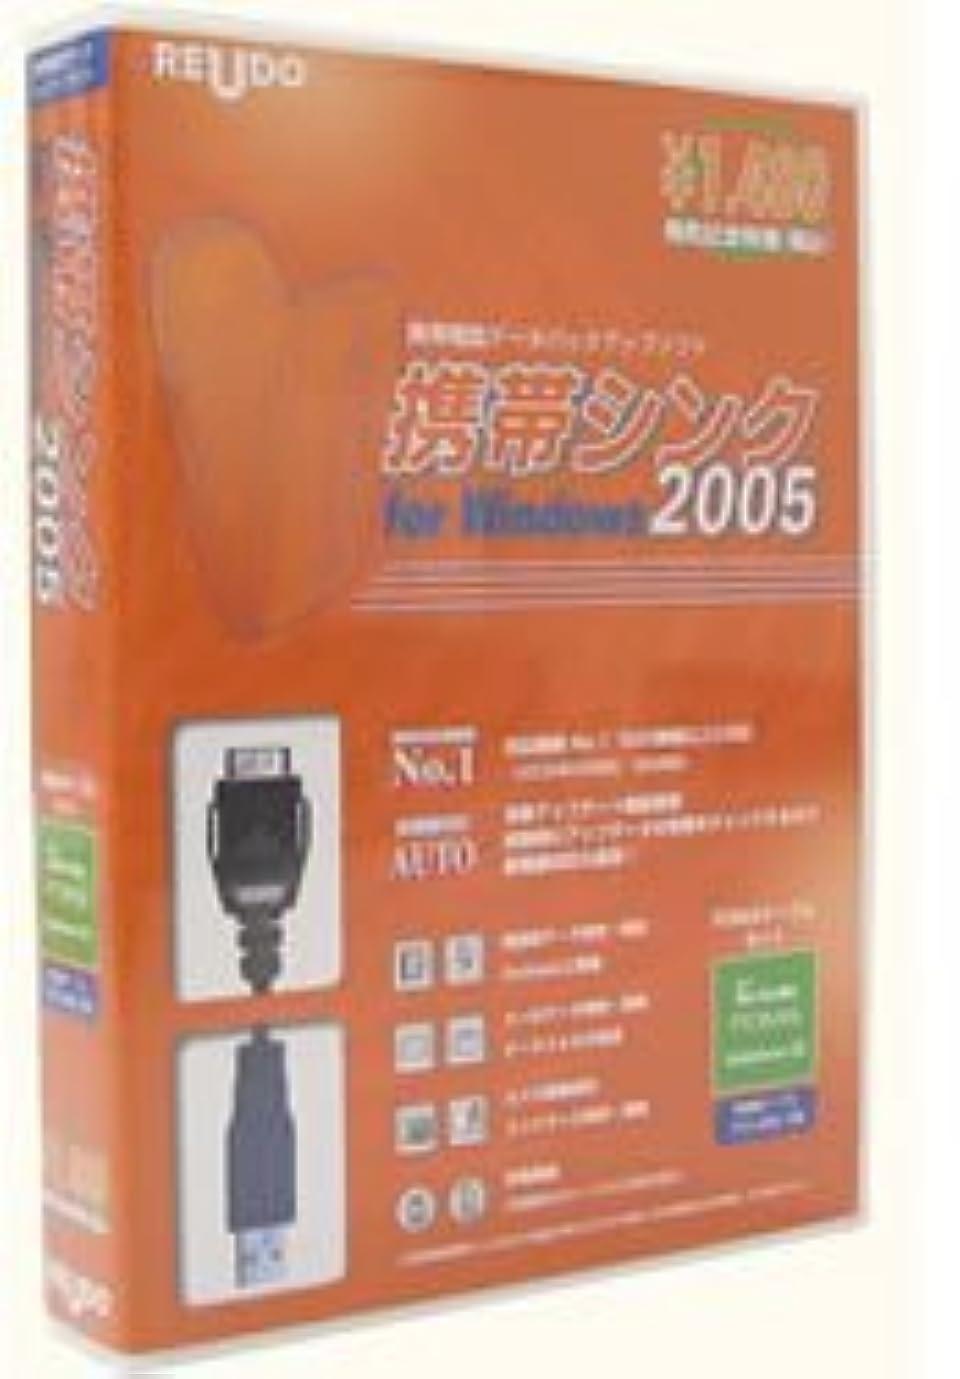 美徳オープニングアライメント携帯シンク for Windows 2005 FOMAケーブルセット